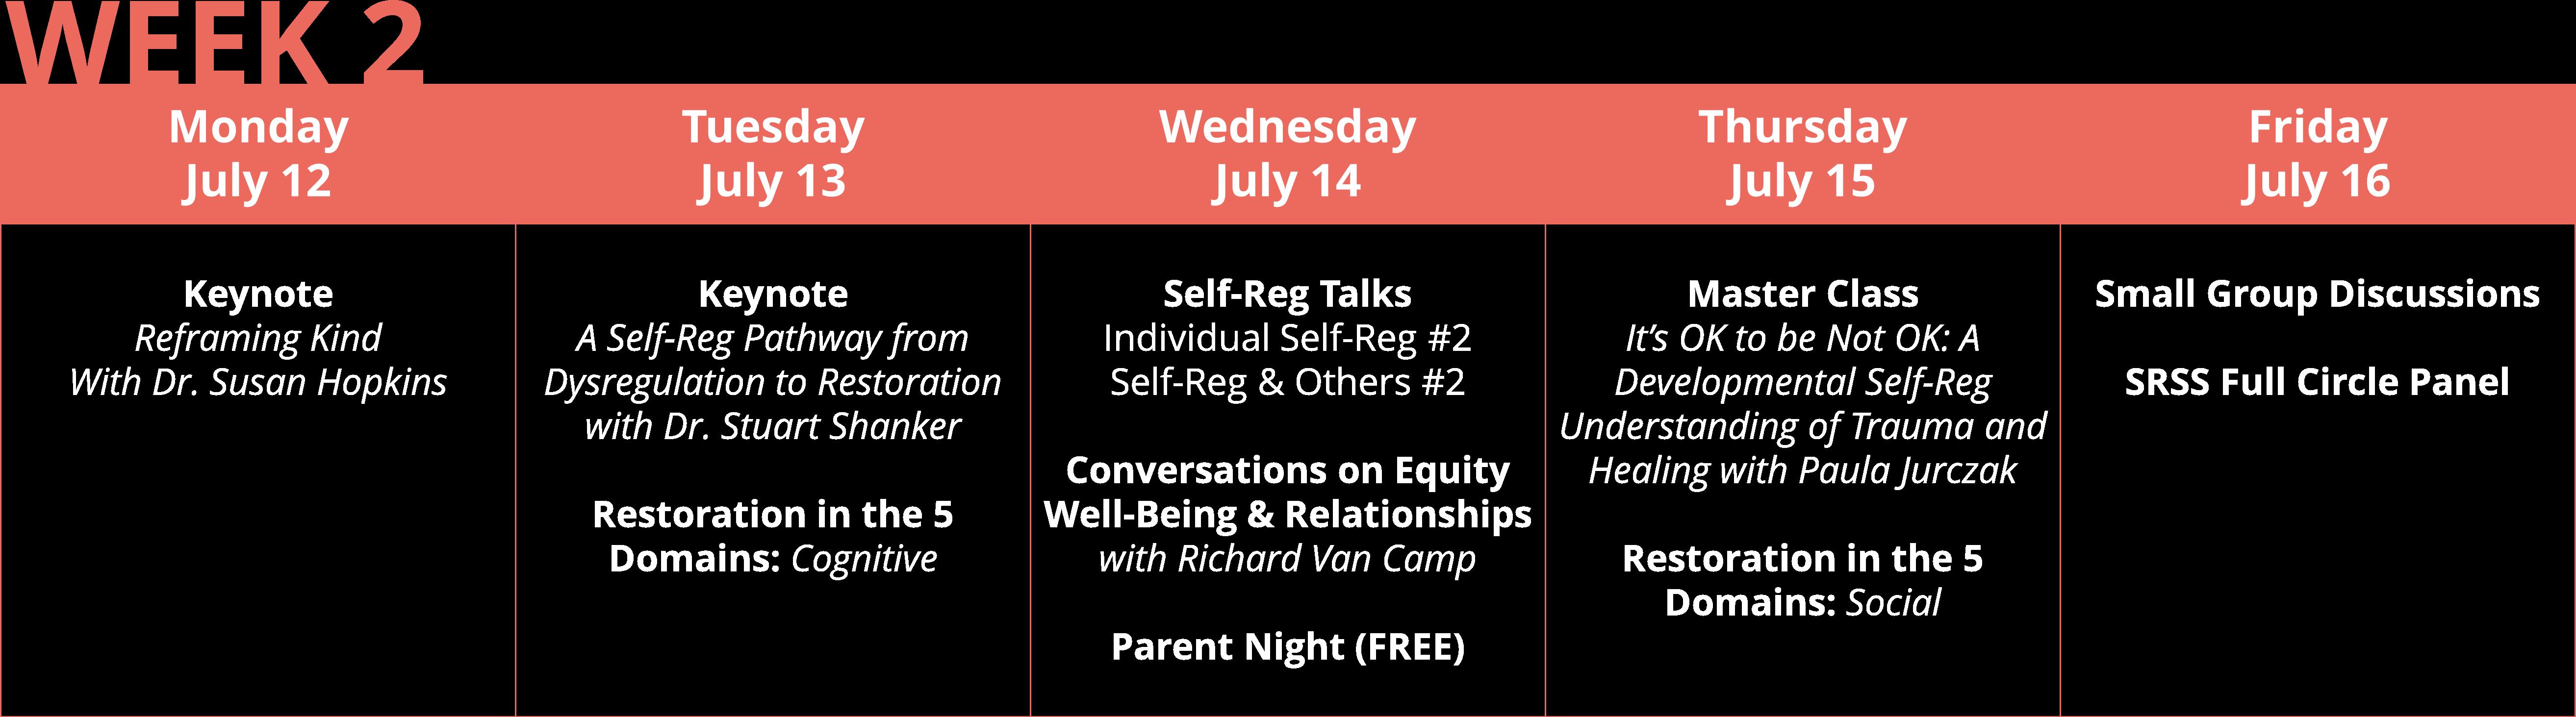 Self-Reg Summer Symposium Week 2 Program Snapshot